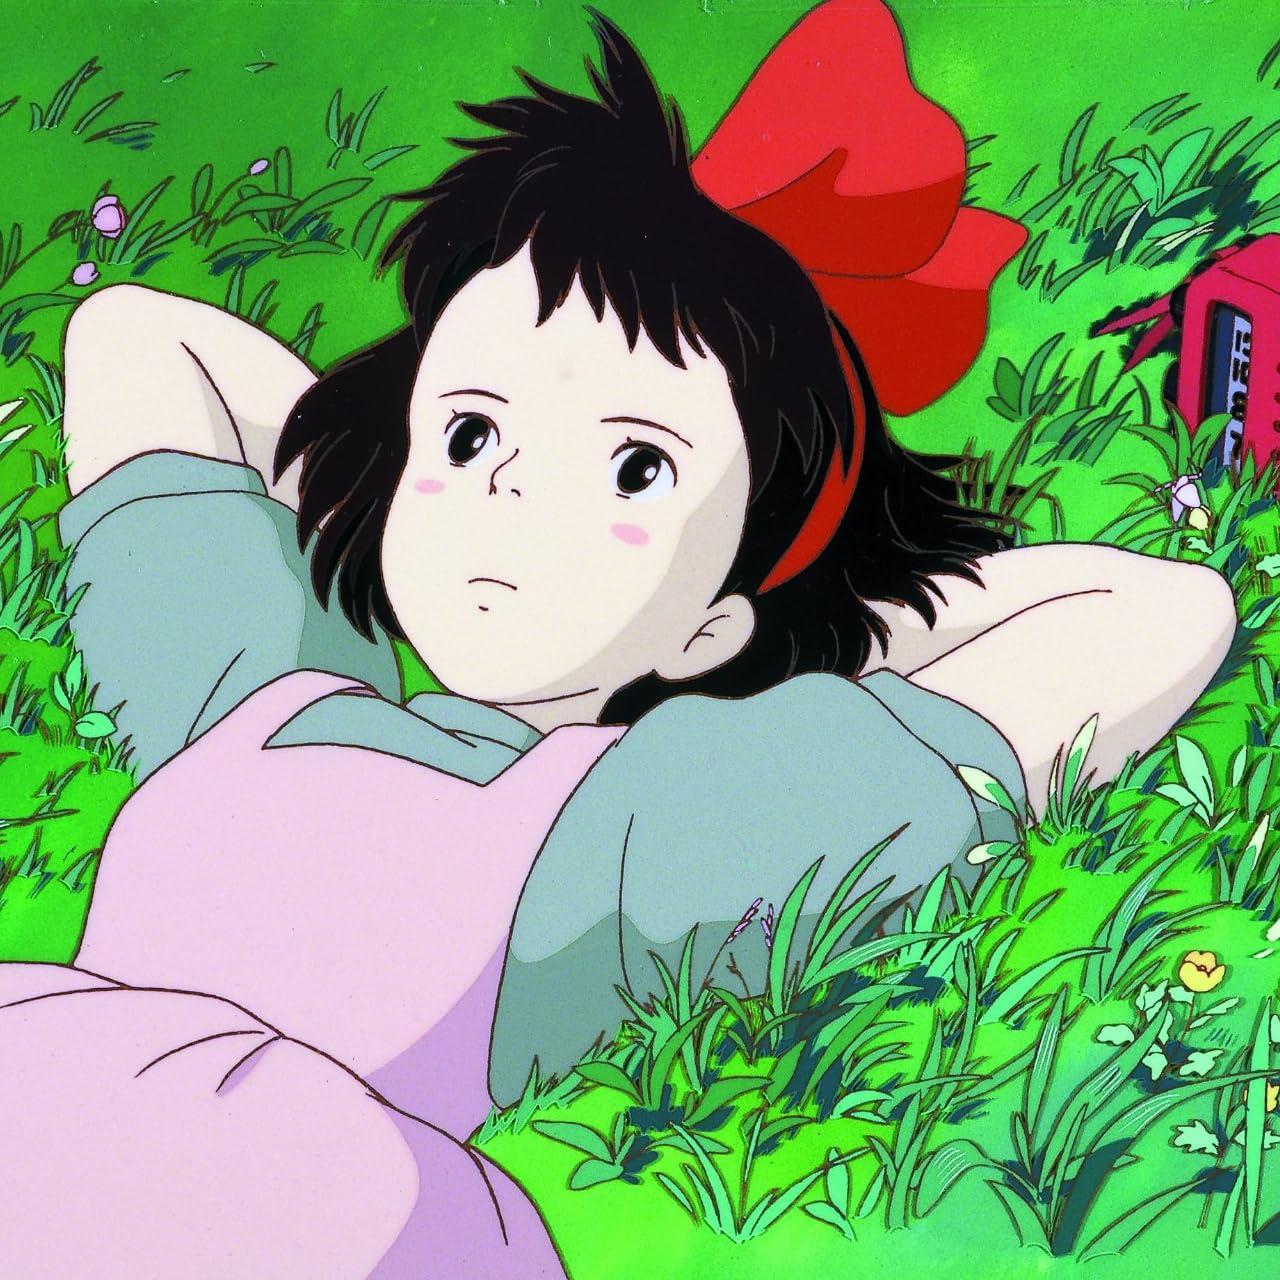 ジブリ Ipad壁紙 魔女の宅急便 キキ アニメ スマホ用画像108842